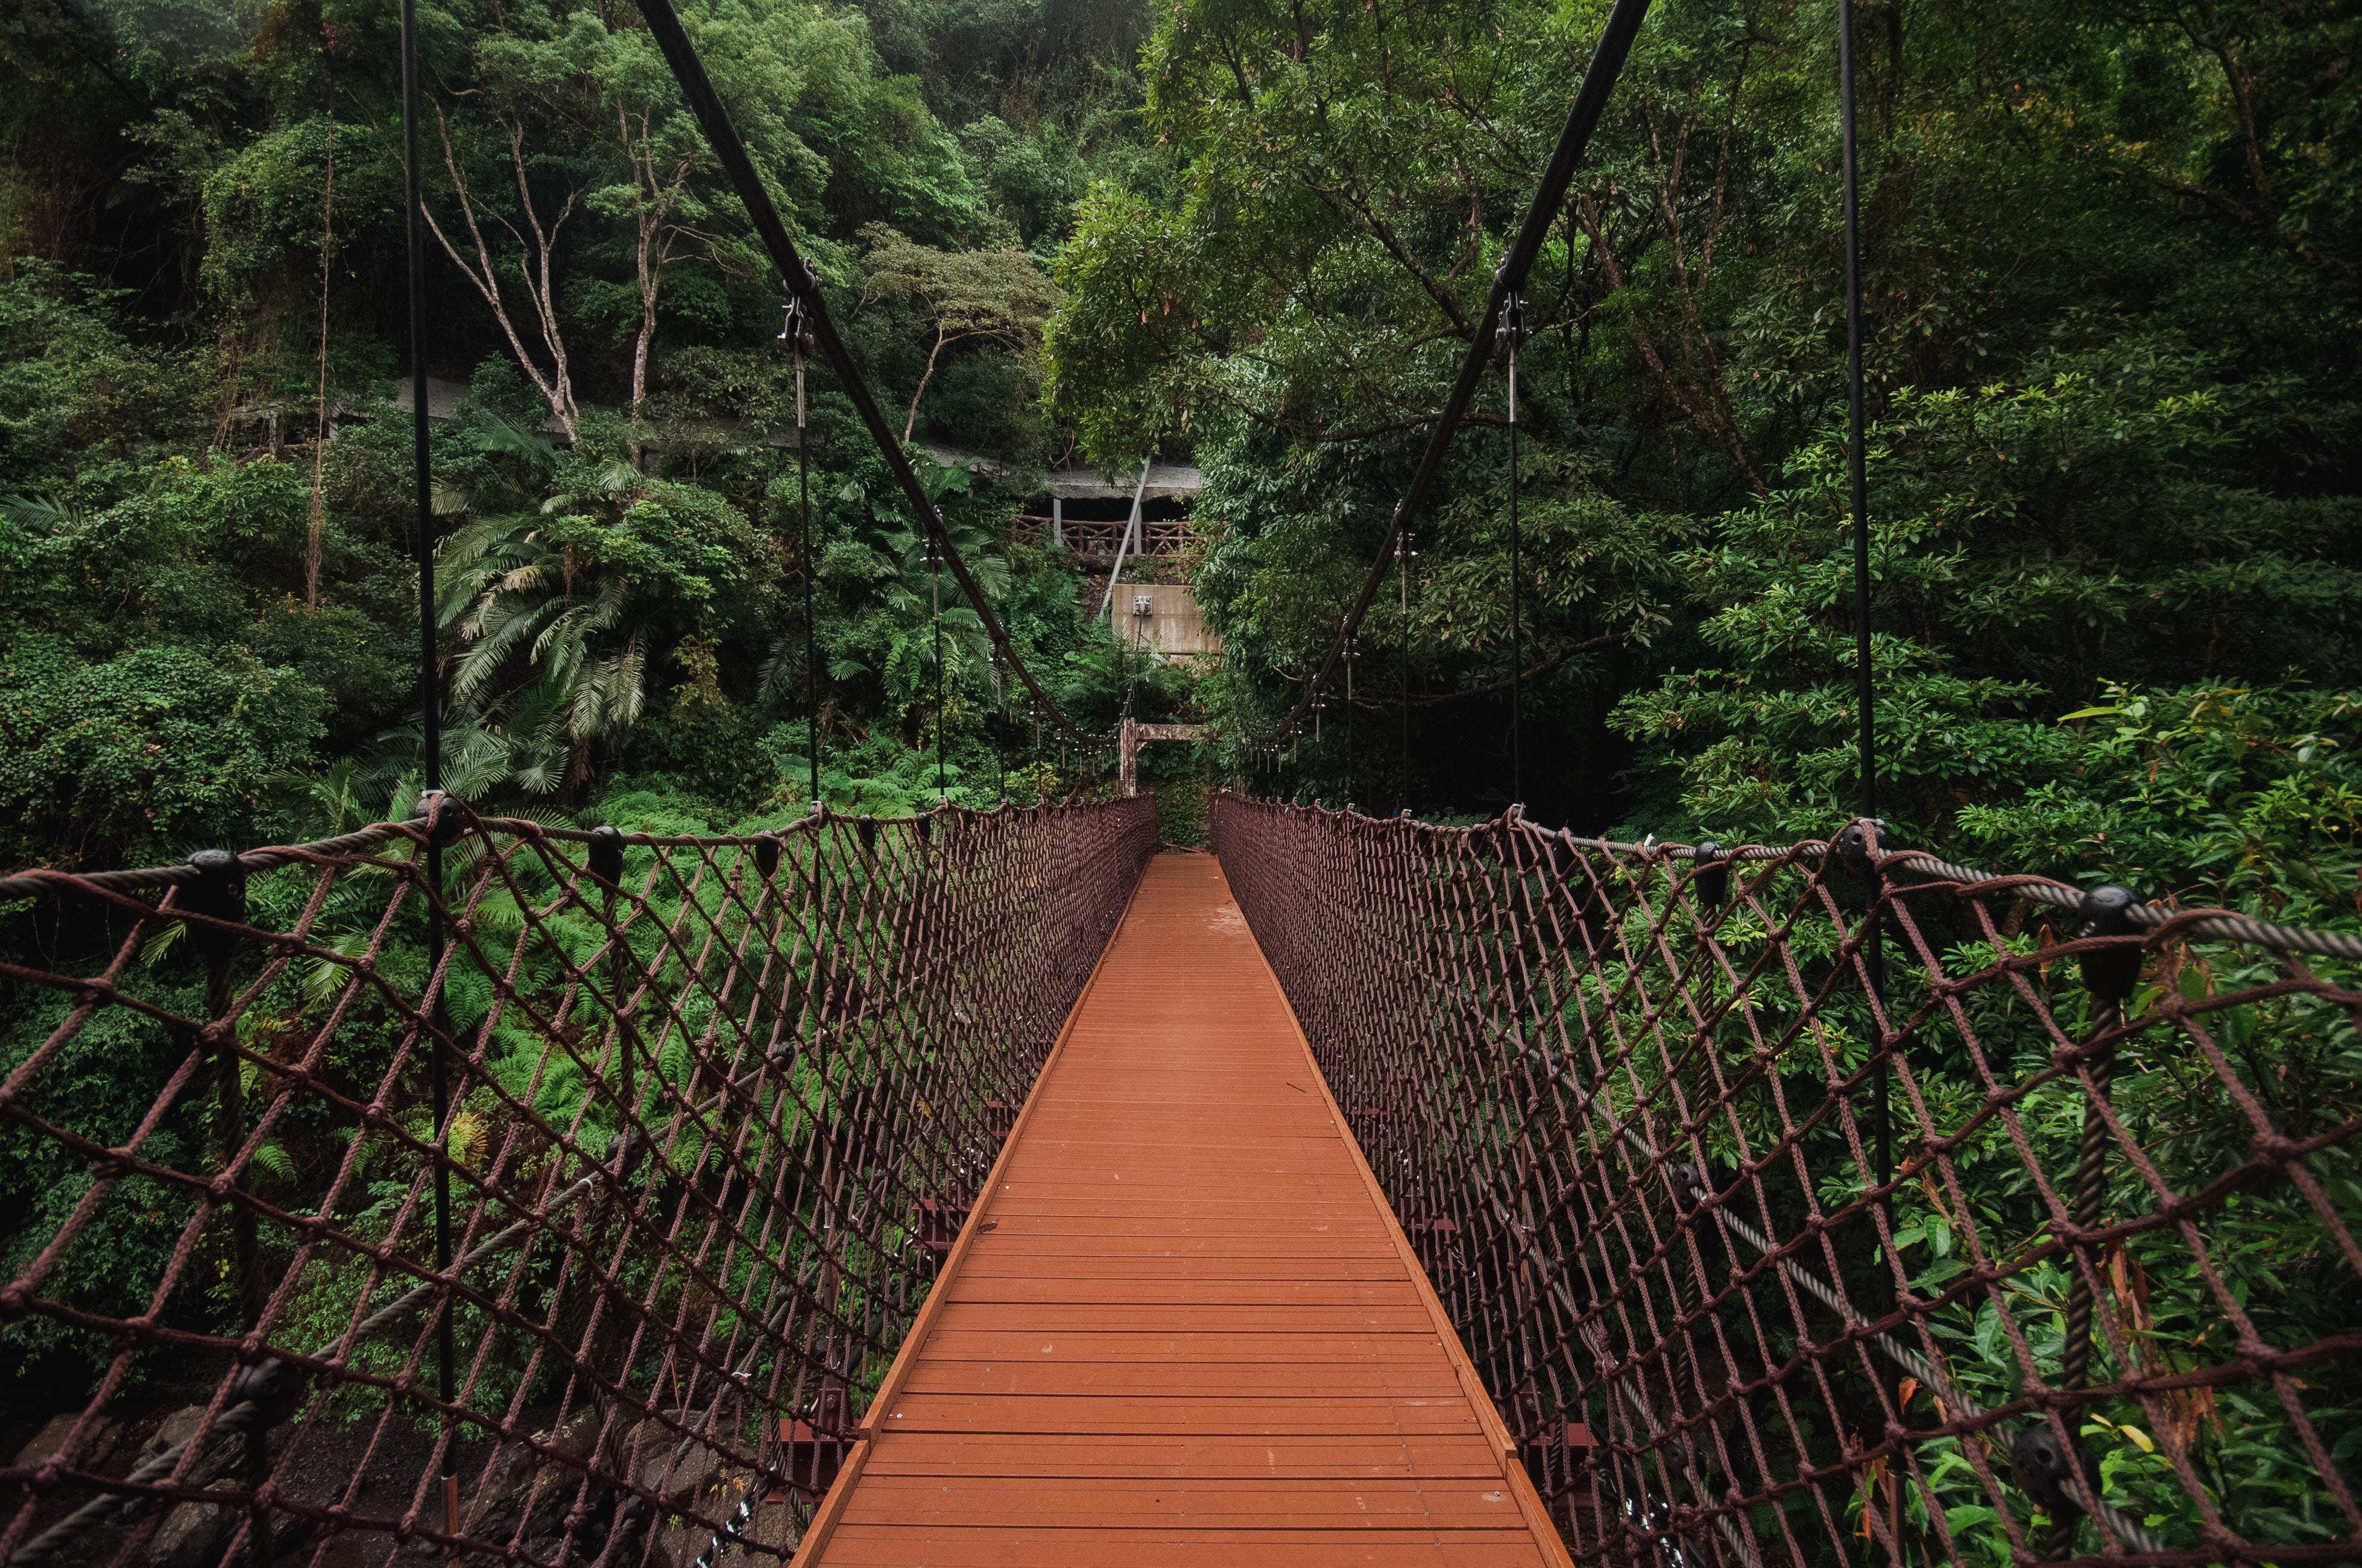 113948 скачать обои Природа, Деревья, Мост, Подвесной, Плетение - заставки и картинки бесплатно